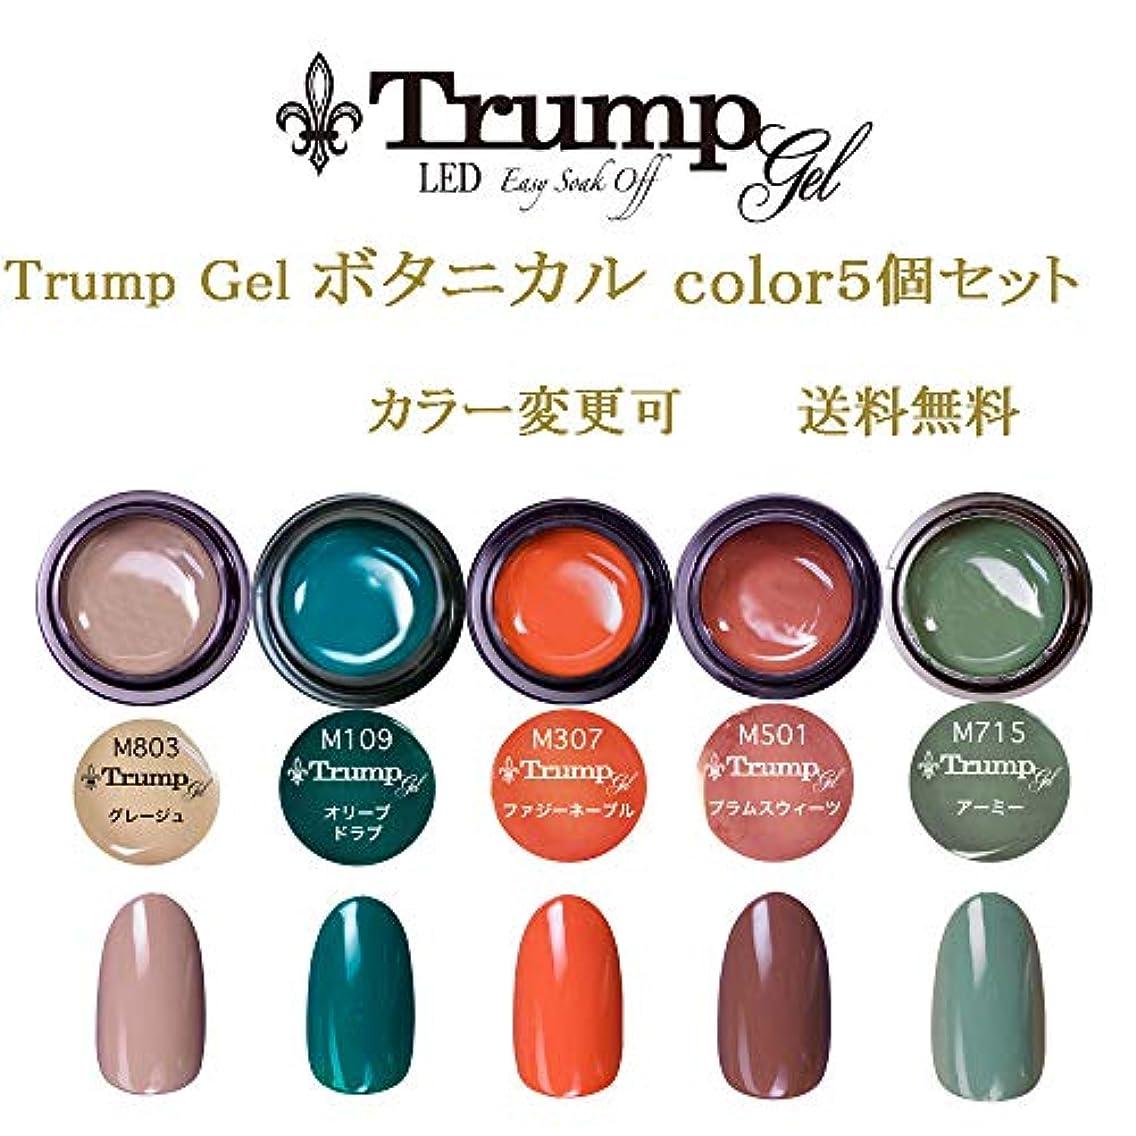 母音ビーチ請求日本製 Trump gel トランプジェル ボタニカルカラー 選べる カラージェル 5個セット カーキー ベージュ グリーン